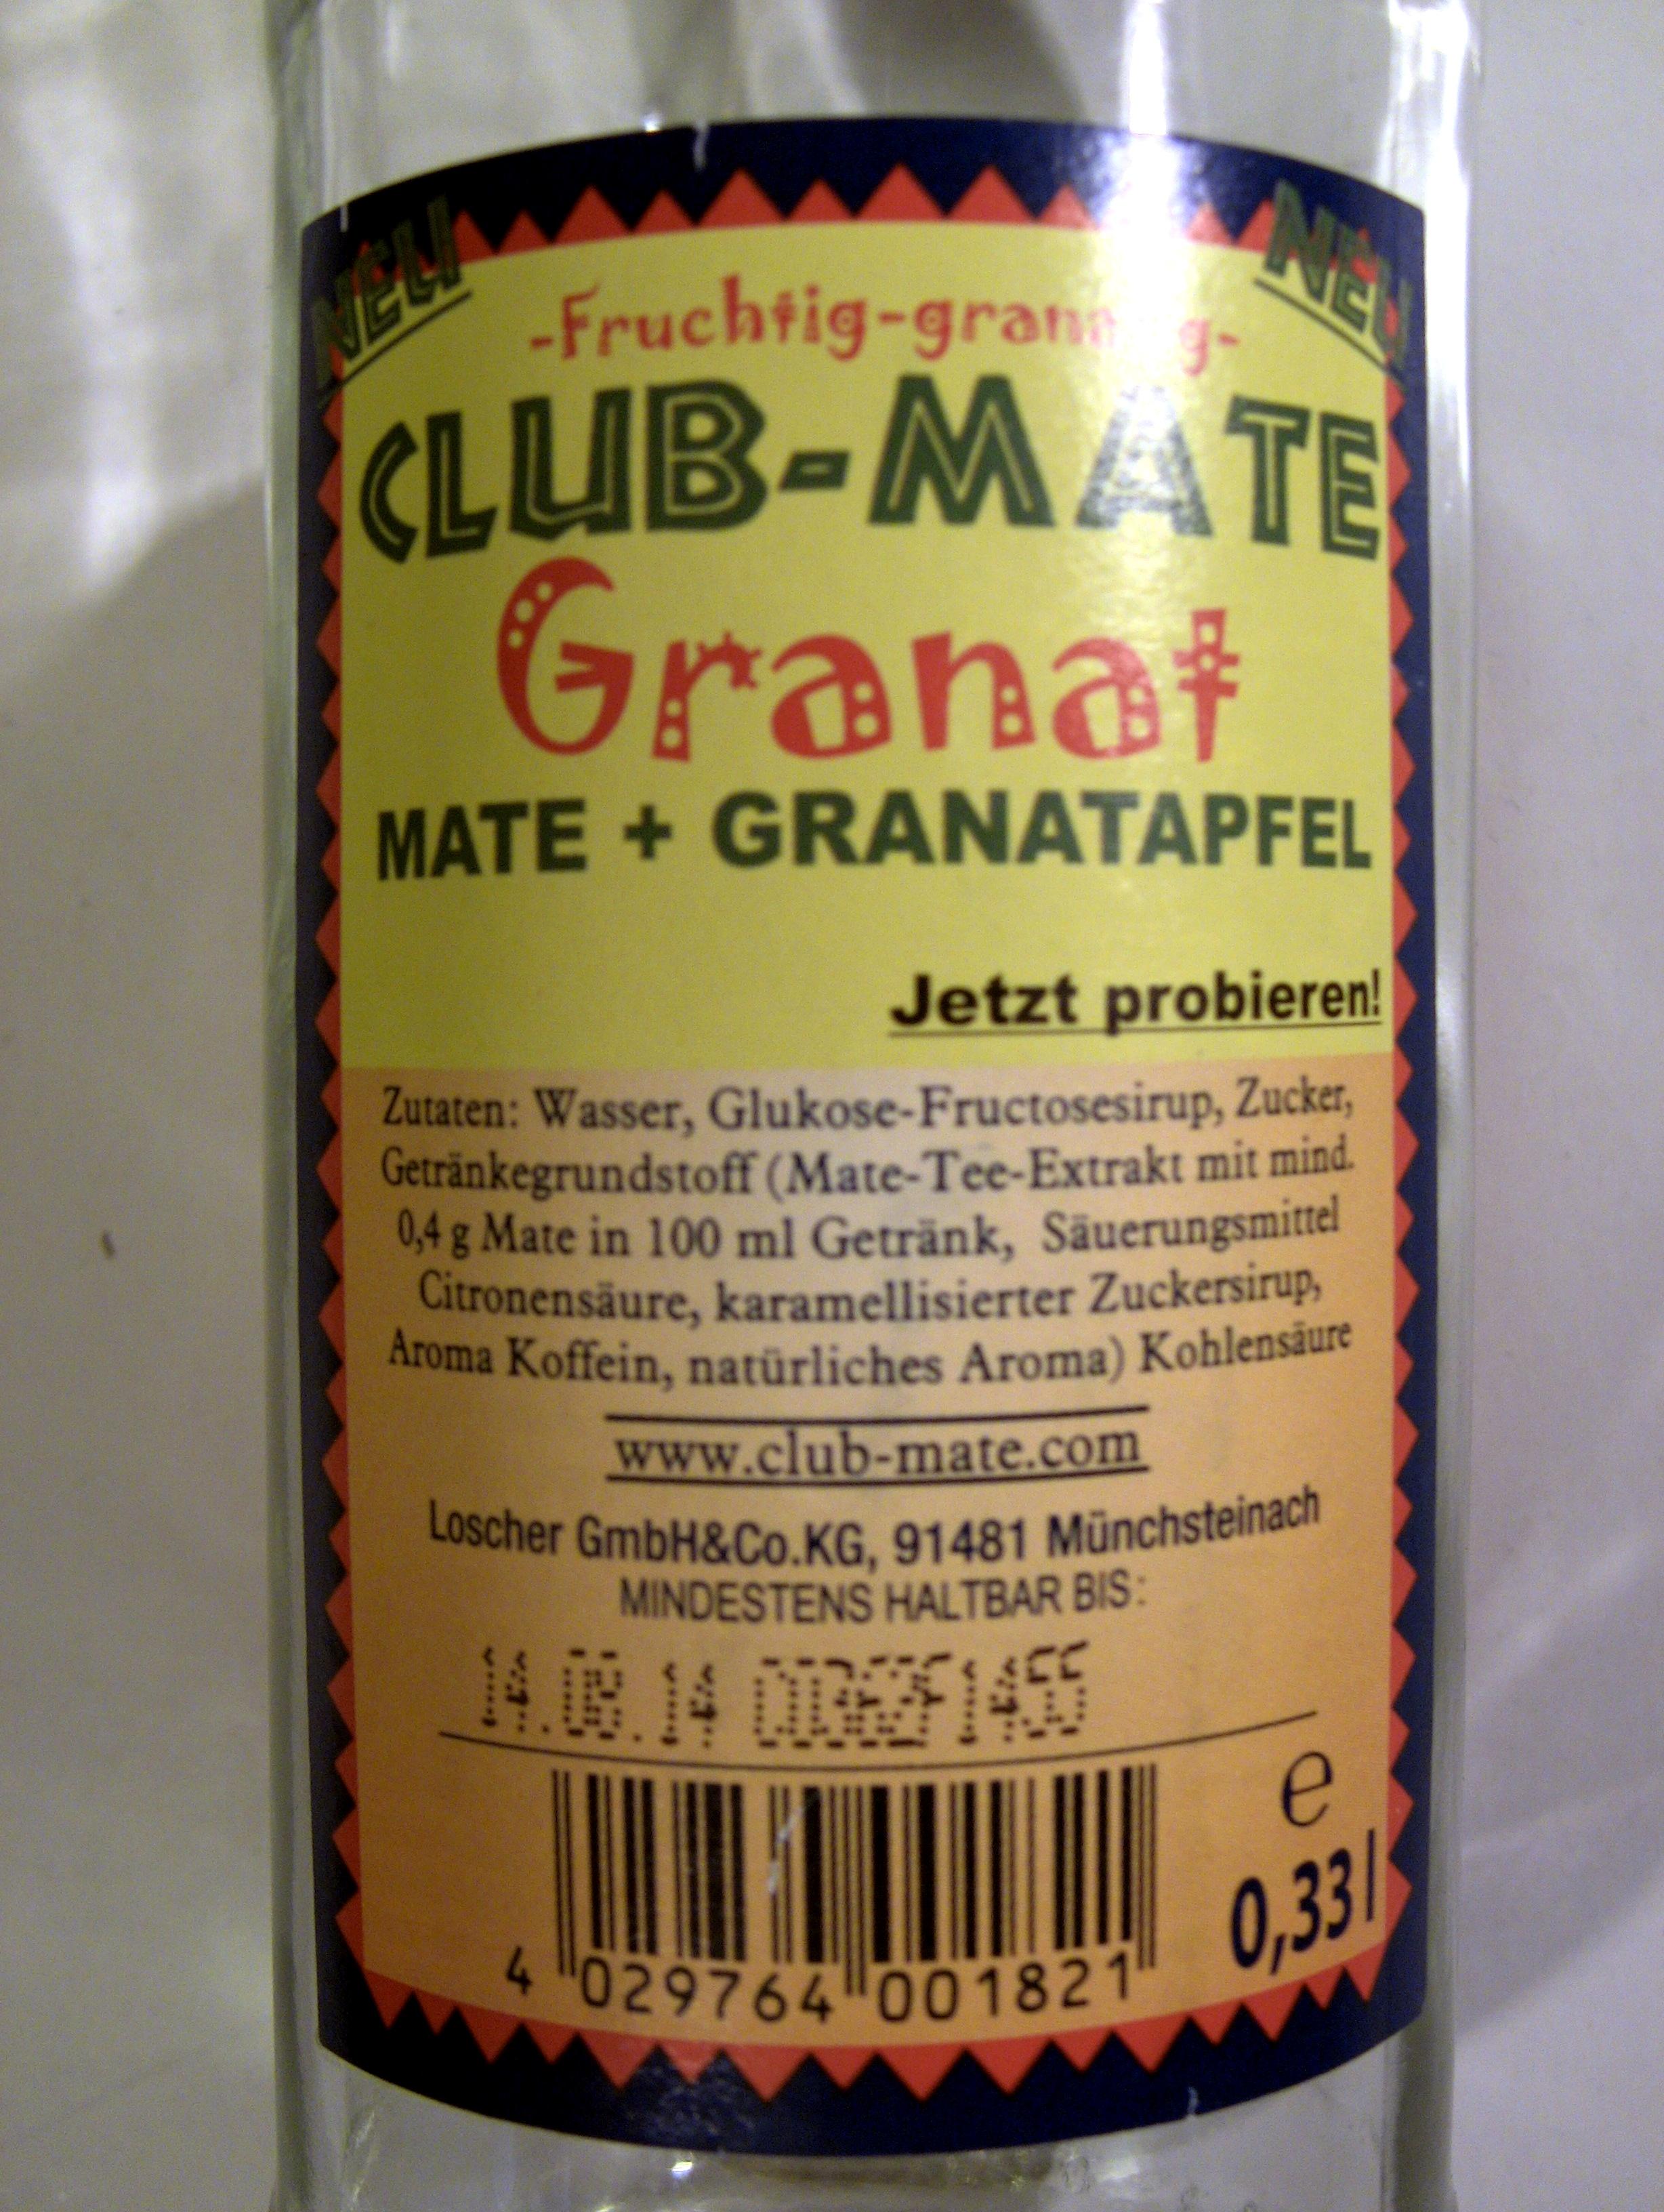 Club-Mate - Ingredients